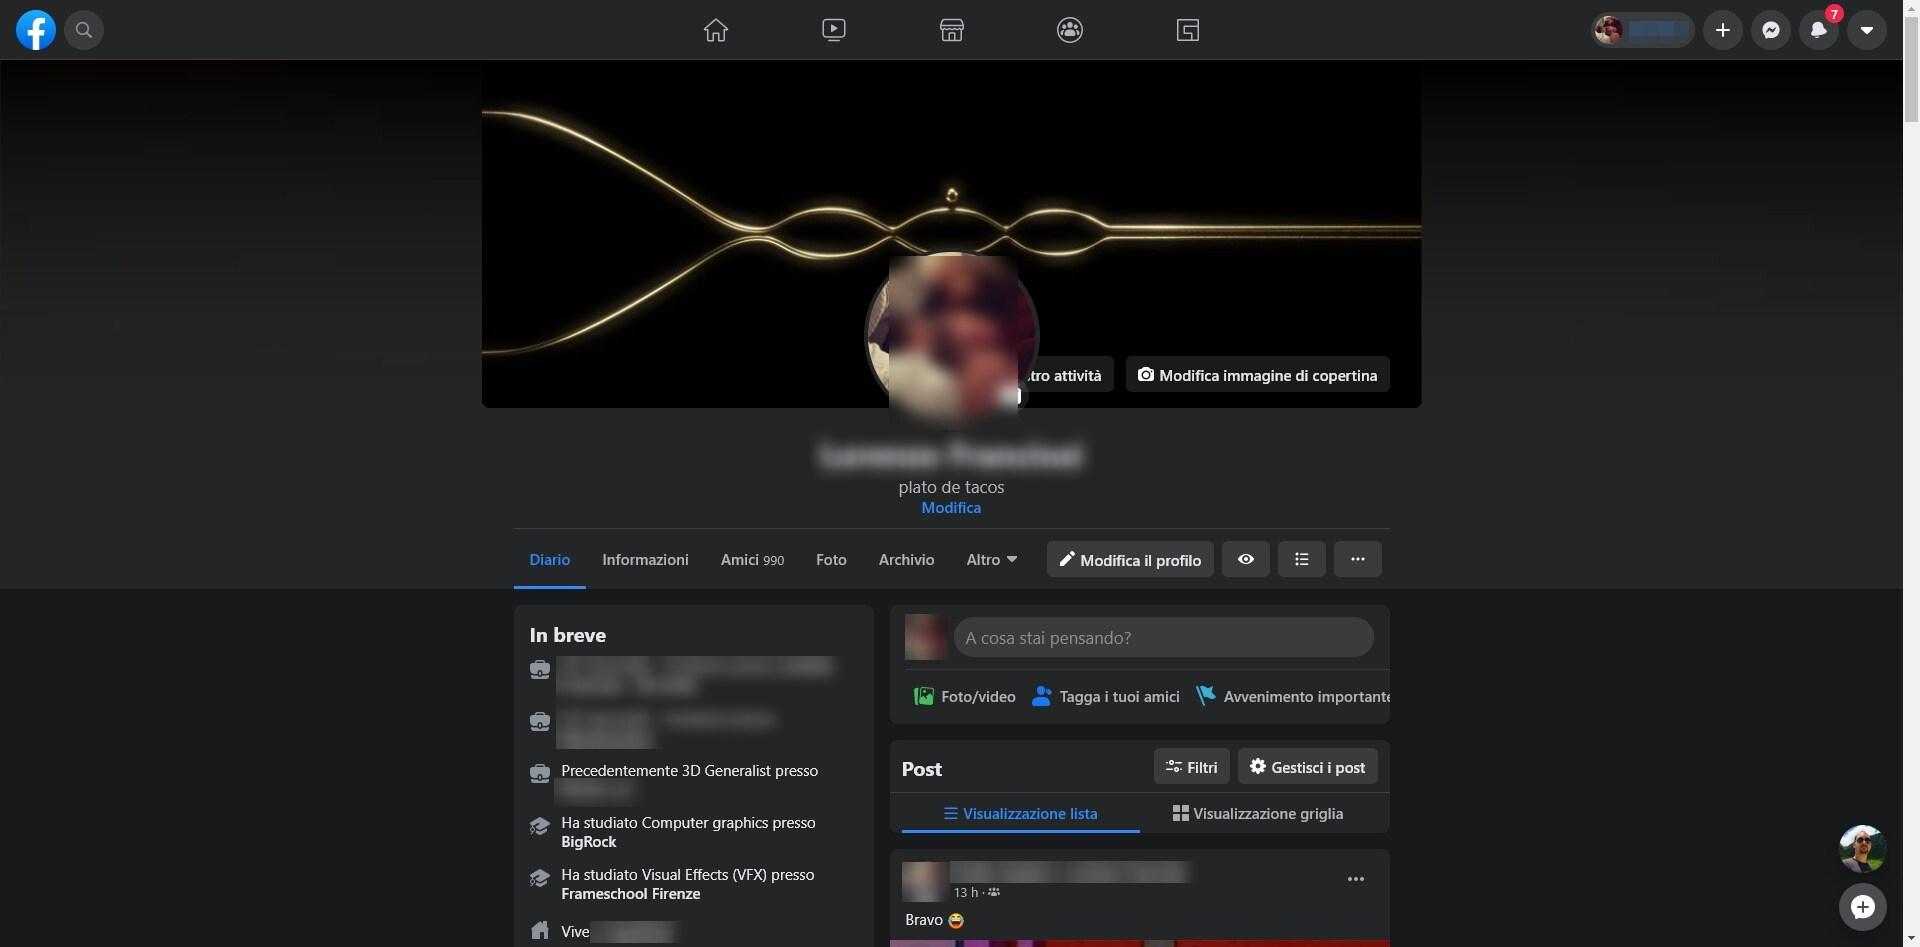 facebook nuova interfaccia marzo 2020 1